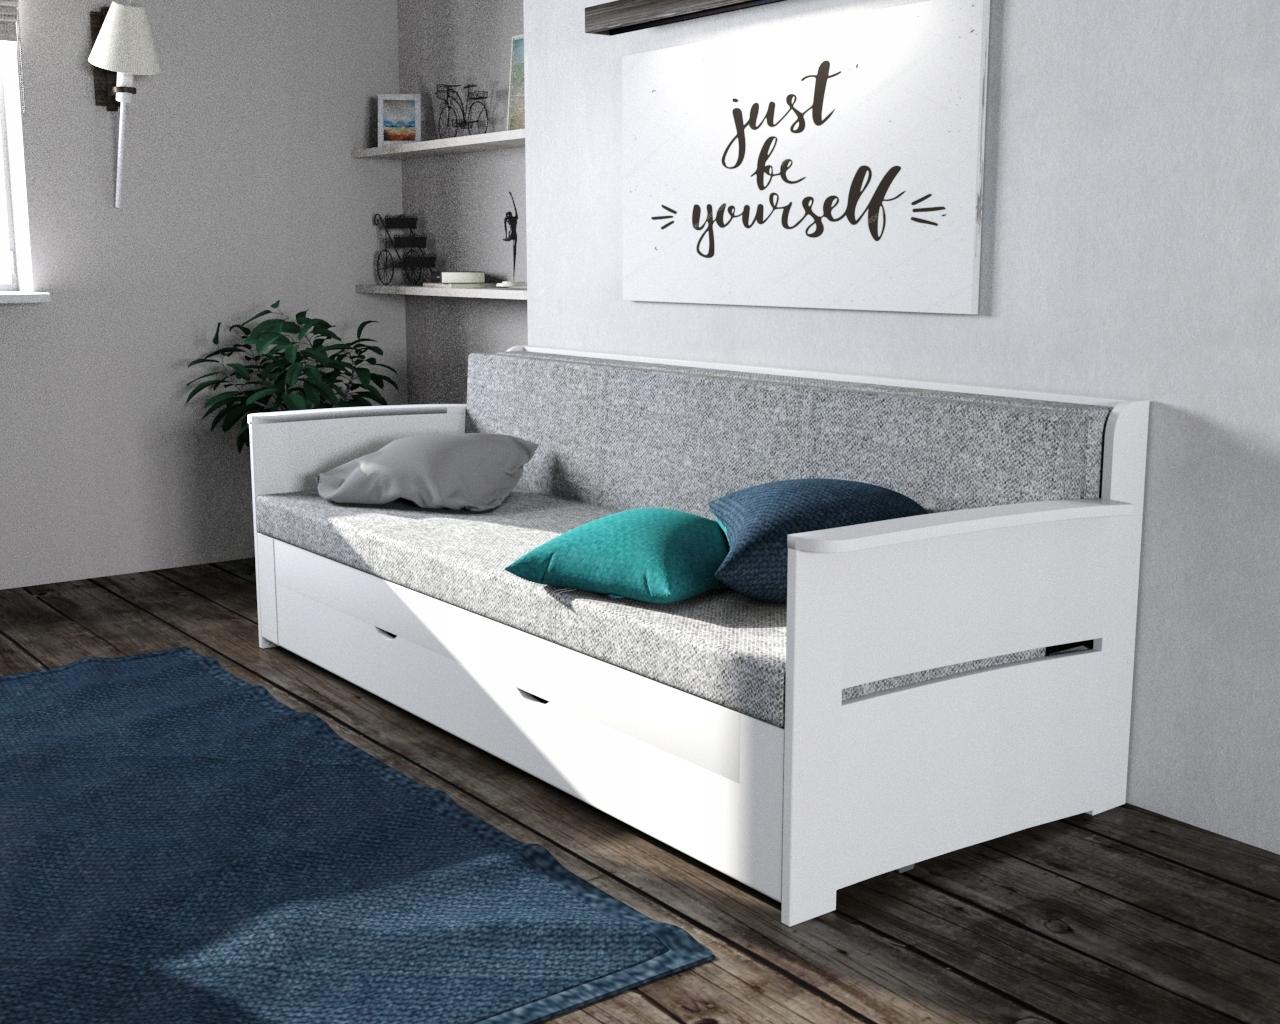 Кровать ДИВАН FOLD-OUT 70x200 140x200